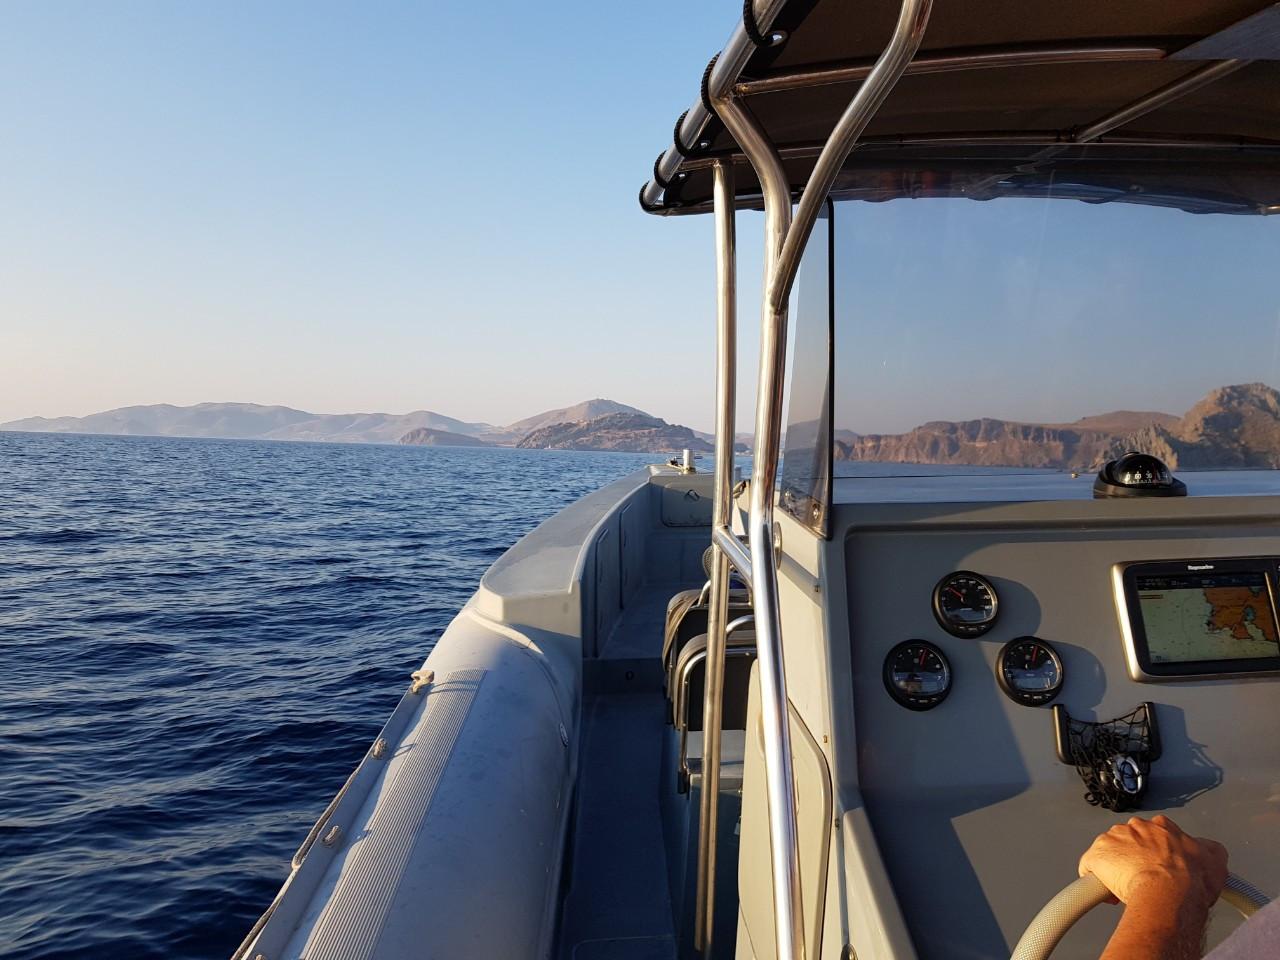 Οι λιμενικοί φτάνοντας στη Μύκονο με φουσκωτό σκάφος